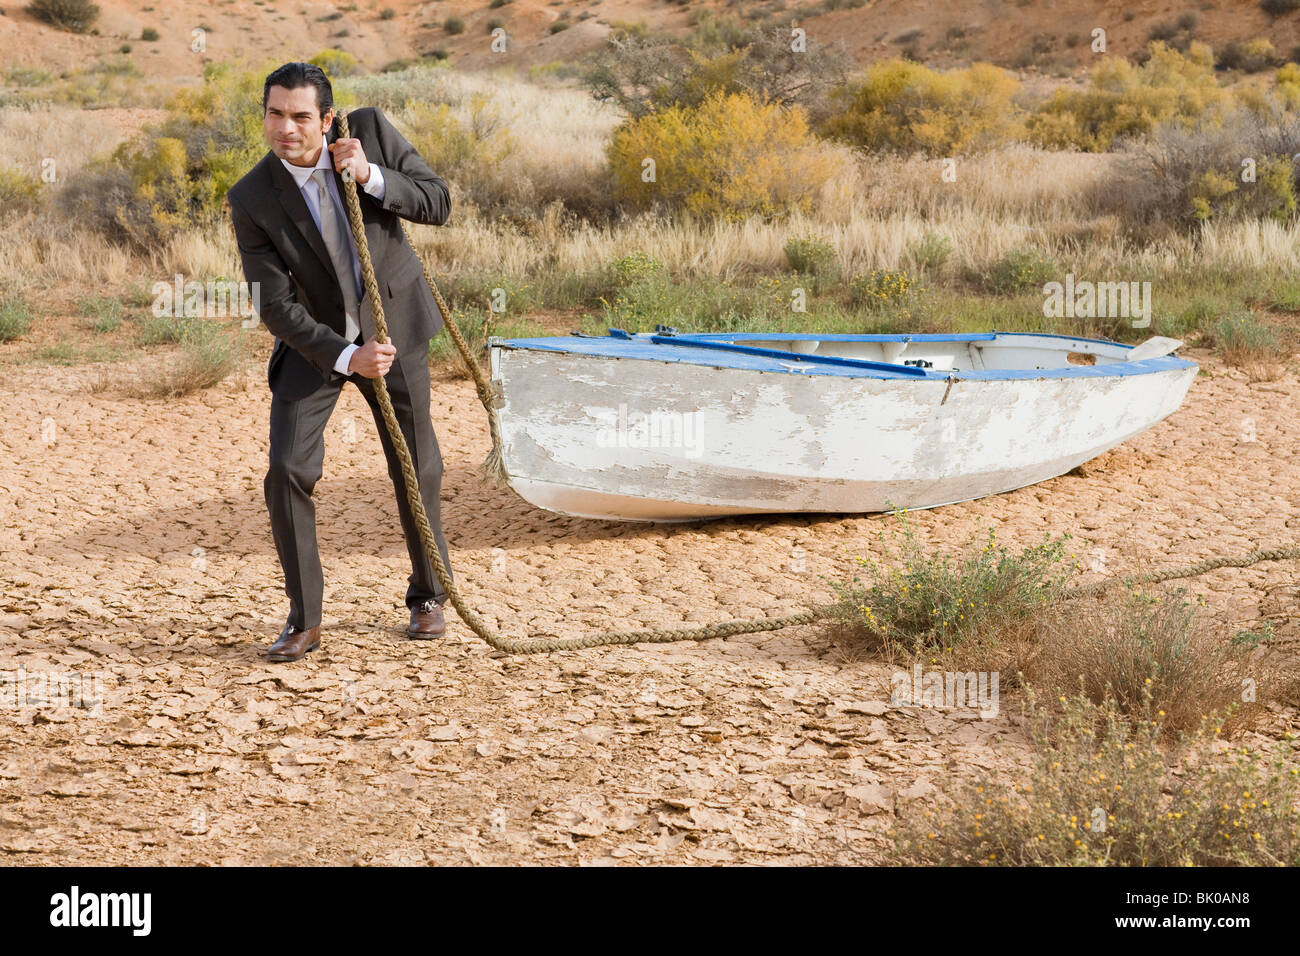 Imprenditore il traino di una barca nel deserto Immagini Stock